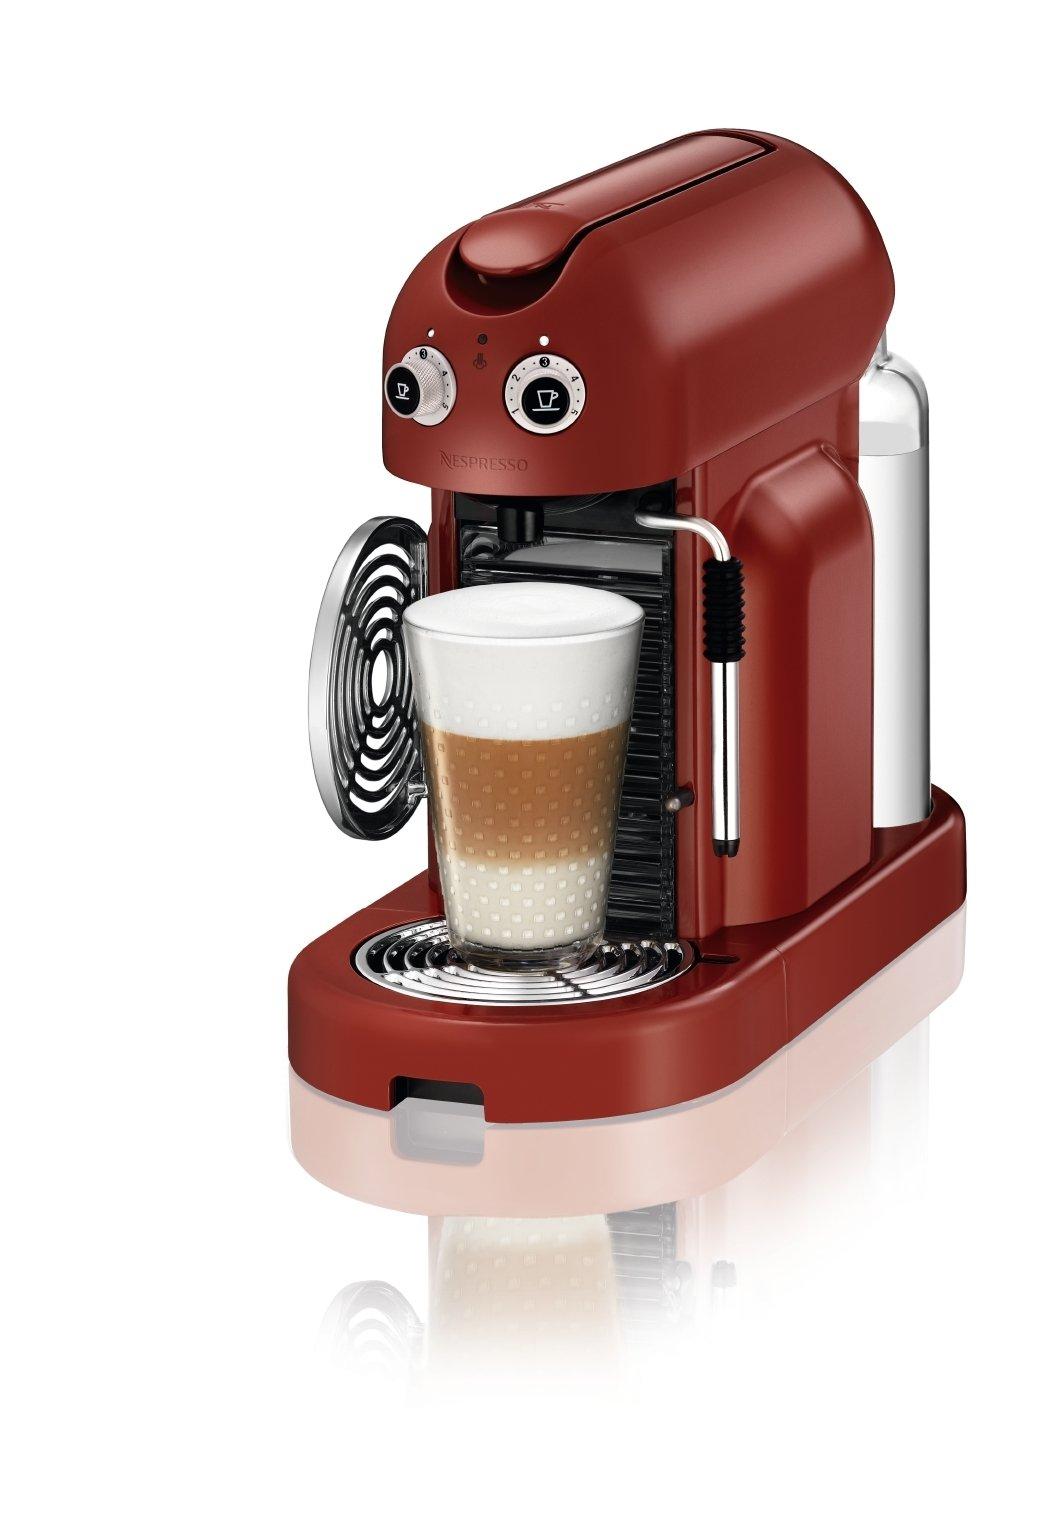 Nespresso Maestria C500 Espresso Maker, Rosso by Nespresso